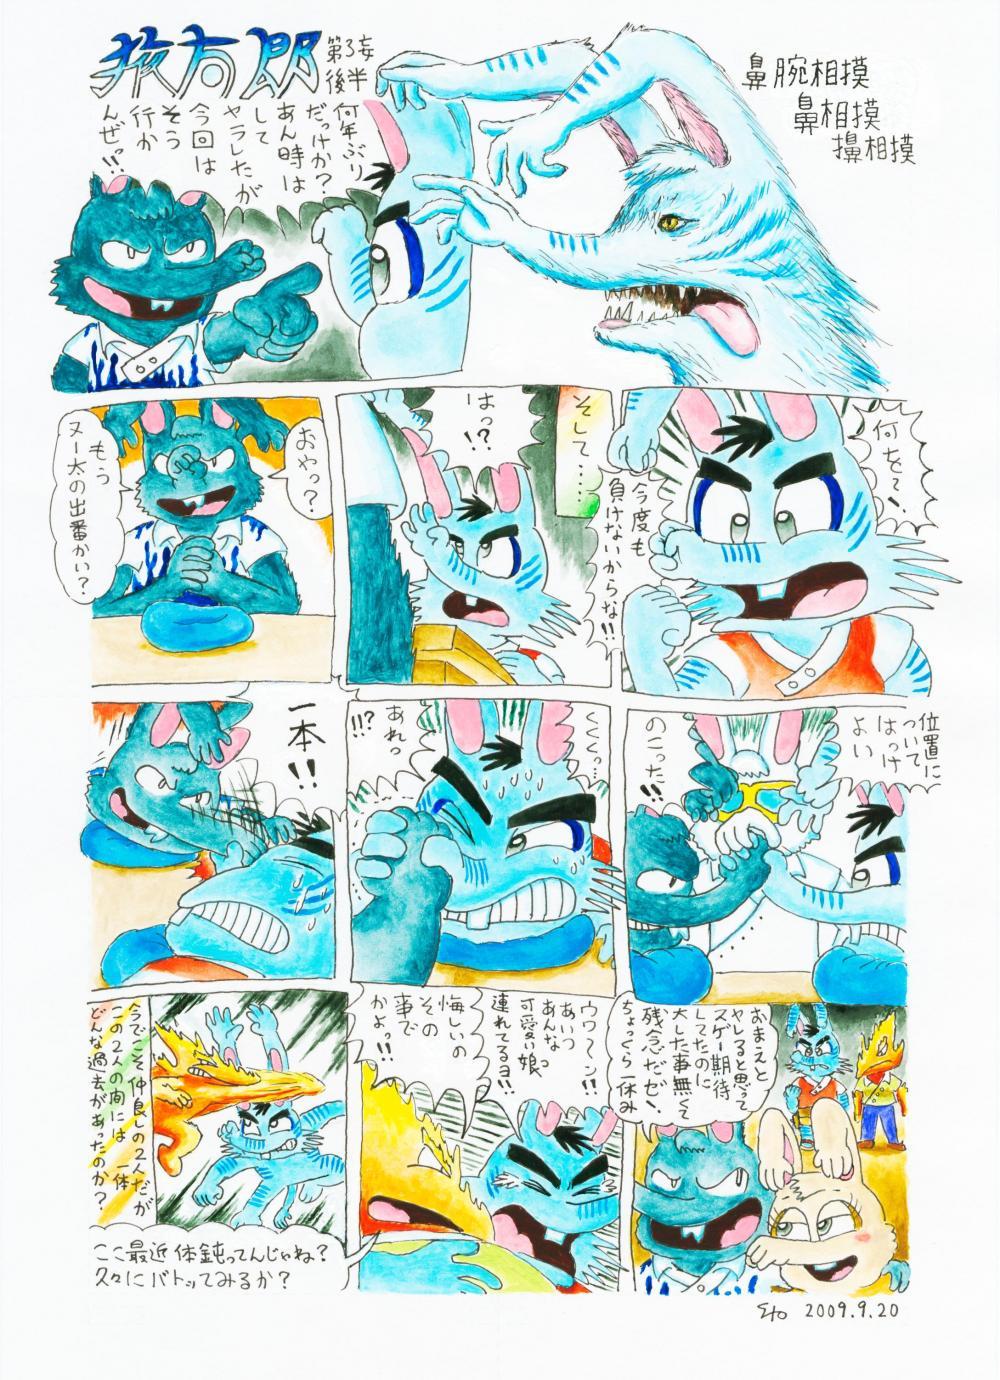 鬼目羅の犭夜太郎(鵺太郎)(3)後半 2009.9.20